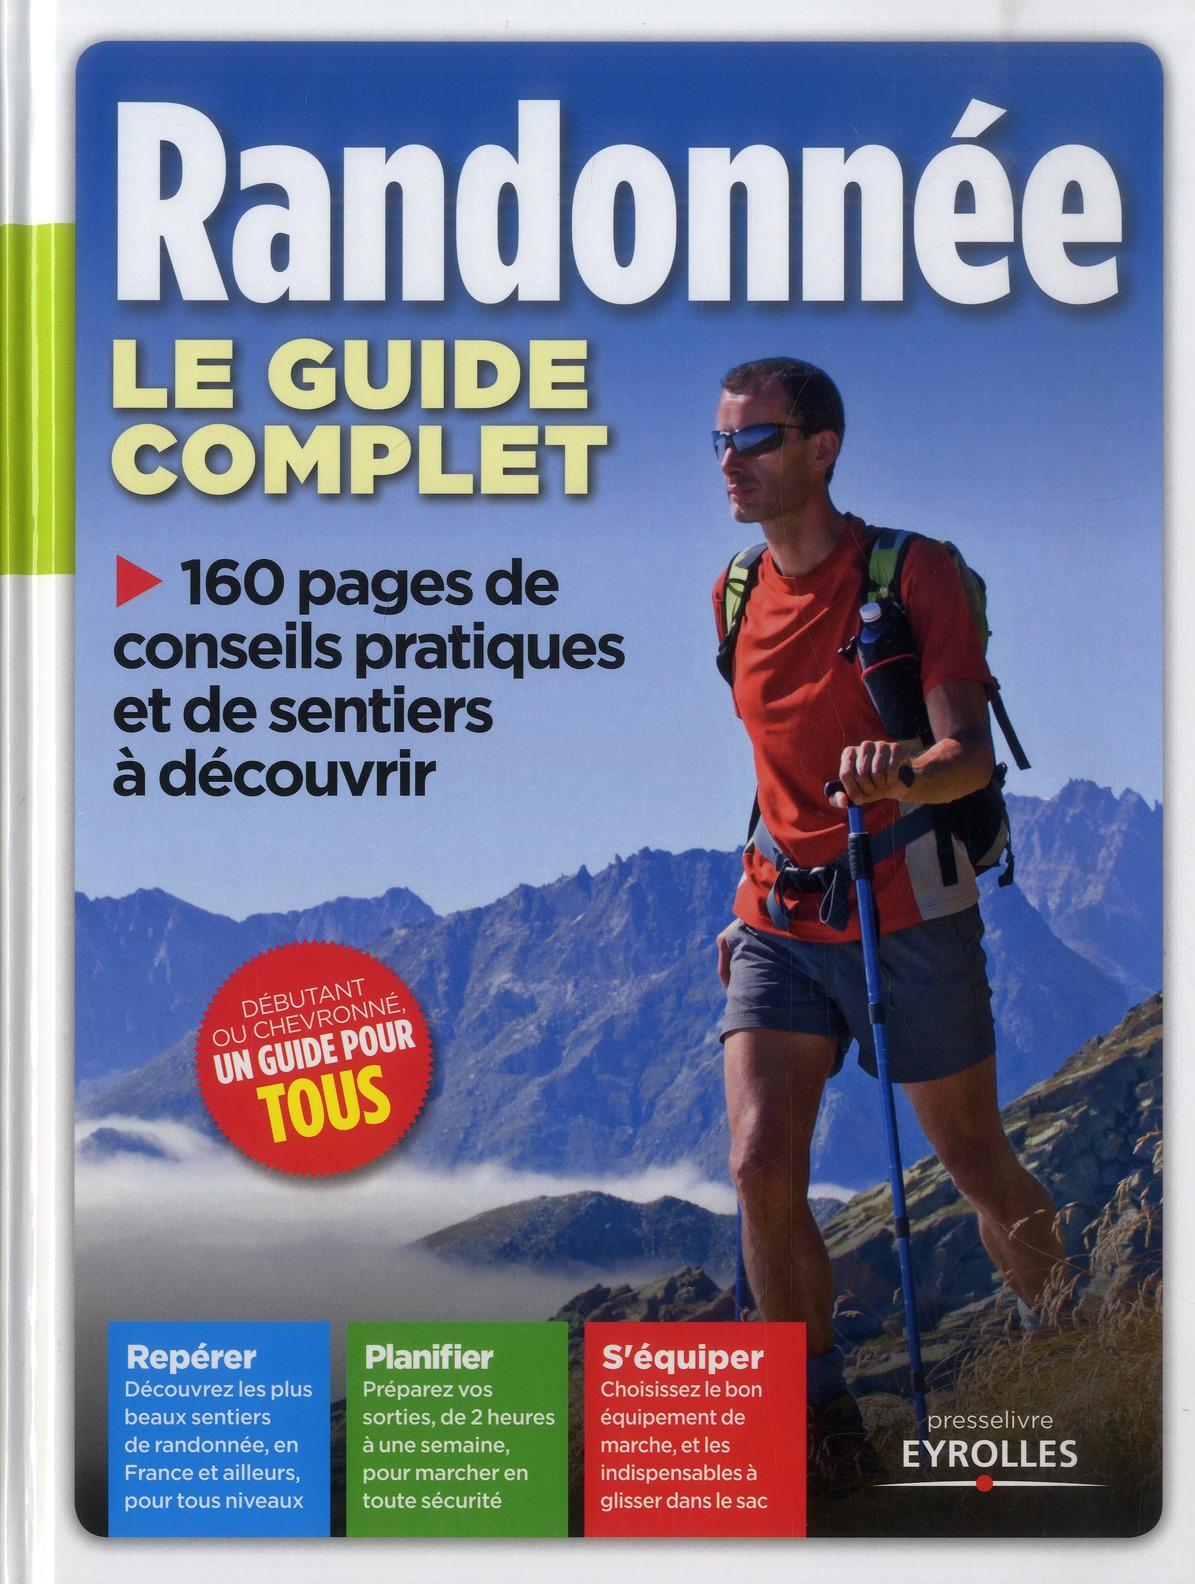 Randonnee ; Le Guide Complet